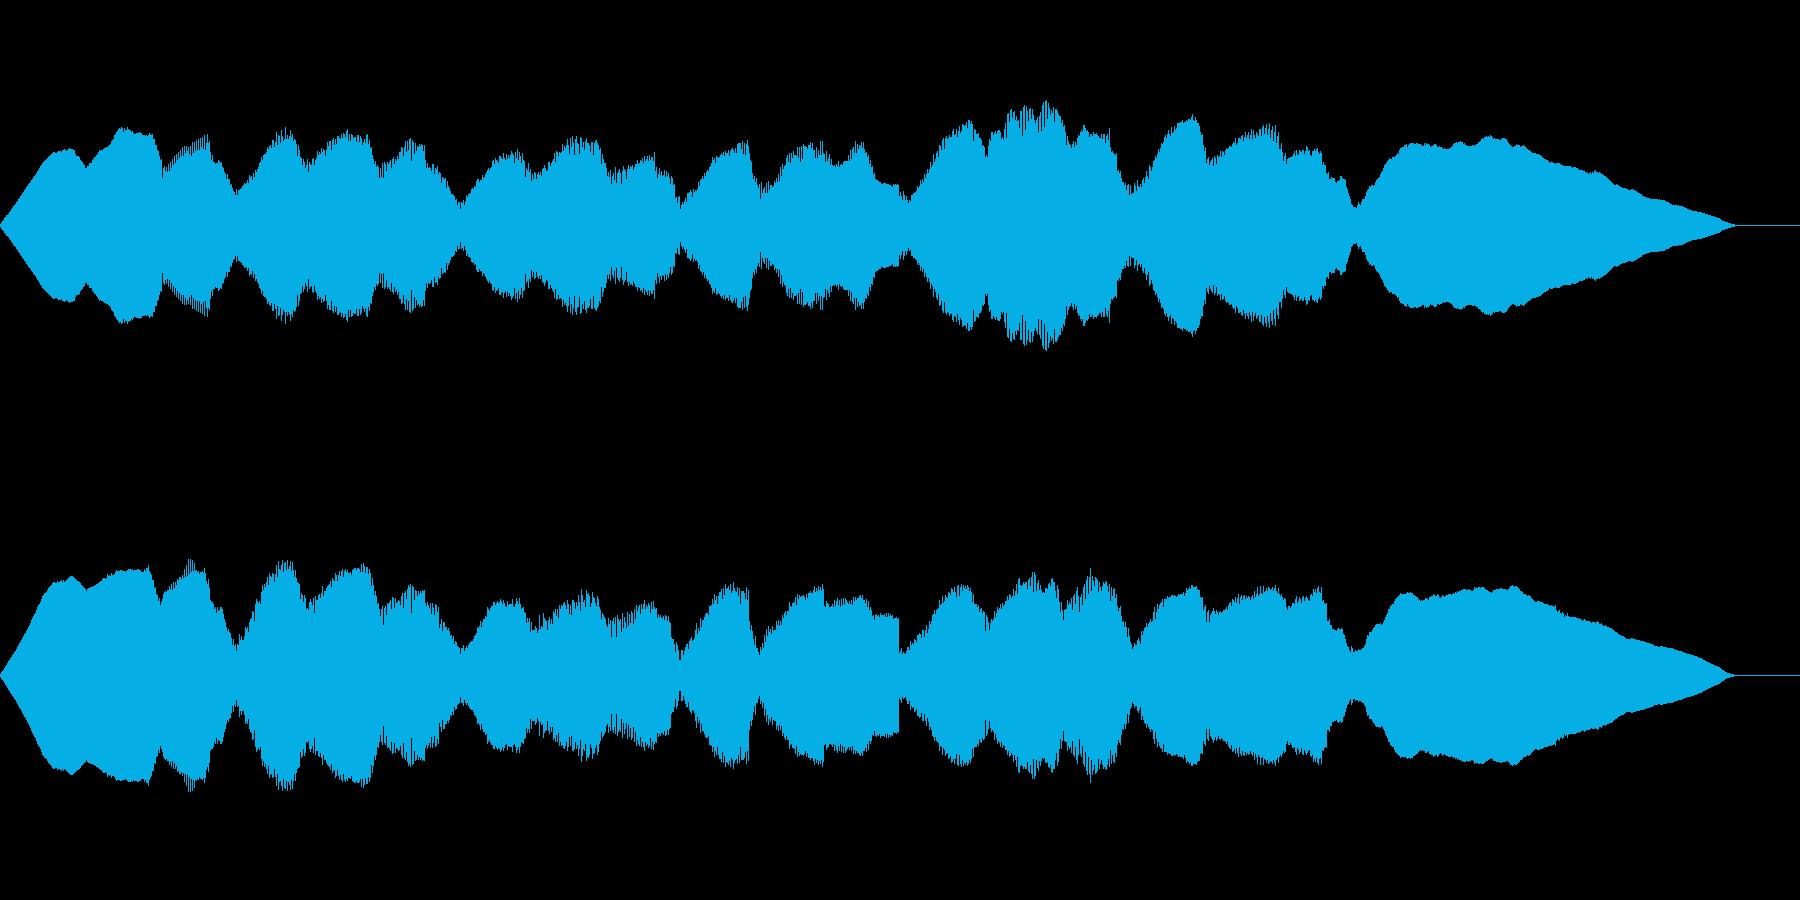 ゲームのようなバラードBGMの再生済みの波形